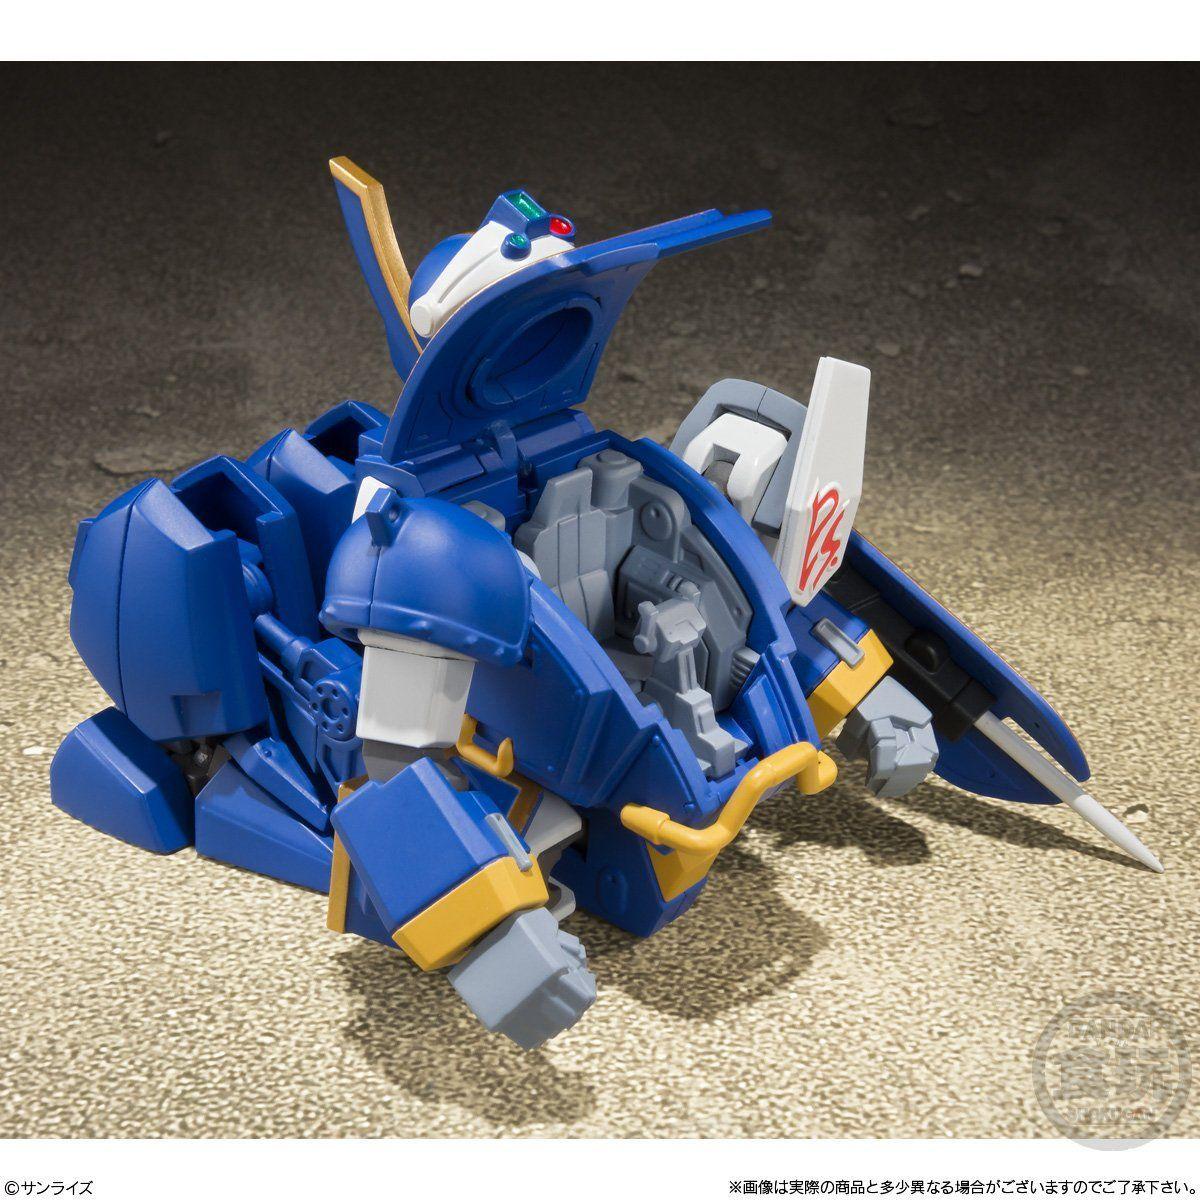 【食玩】スーパーミニプラ『青の騎士ベルゼルガ物語 Vol.1』プラモデル 3個入りBOX-009